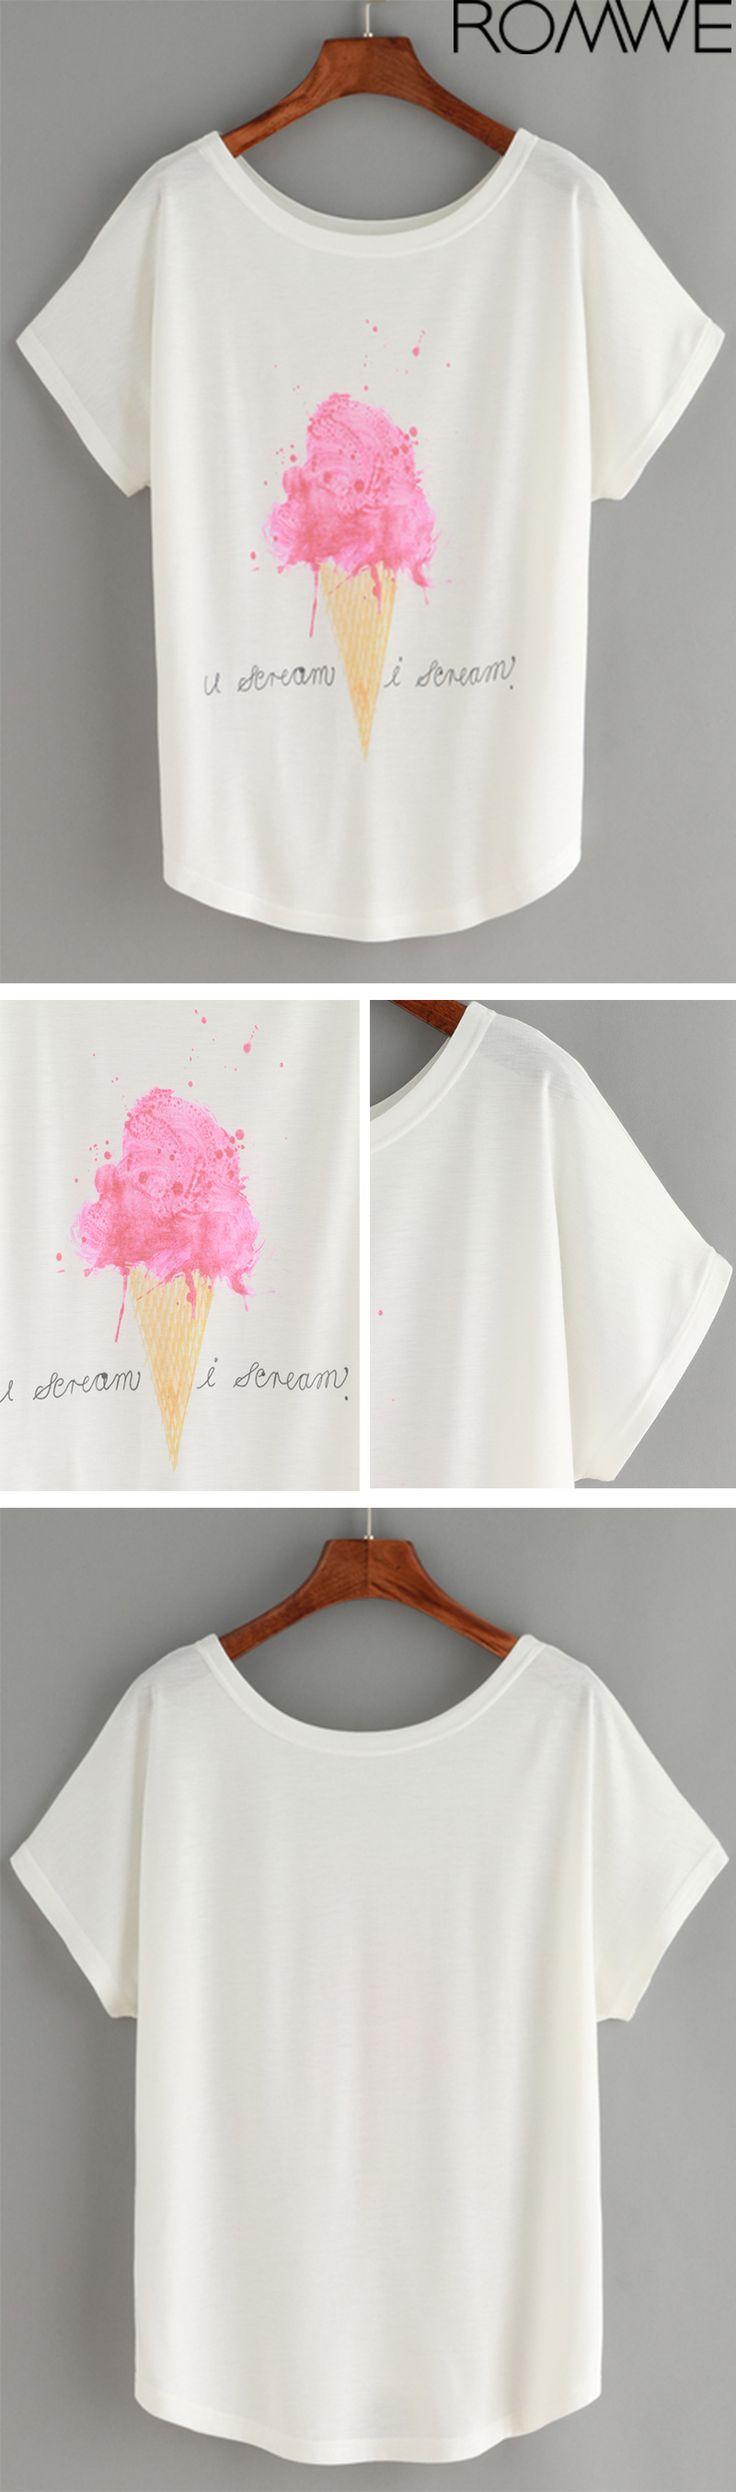 Ice Cream Print White T-shirt